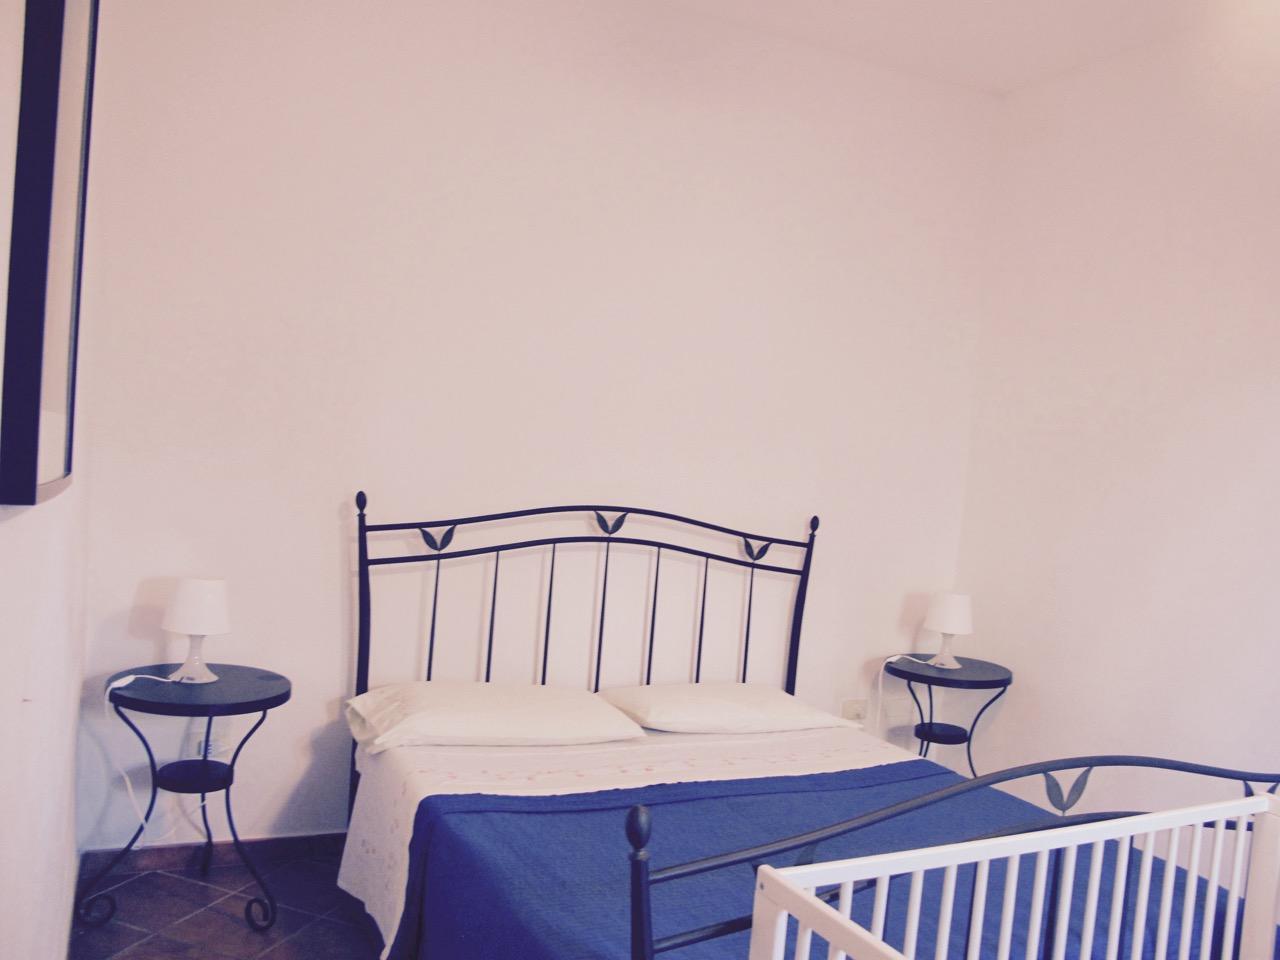 Maison de vacances CASA CALVO | BIRRI SUL MARE | Villa di campagna al mare (1712787), Noto, Siracusa, Sicile, Italie, image 11